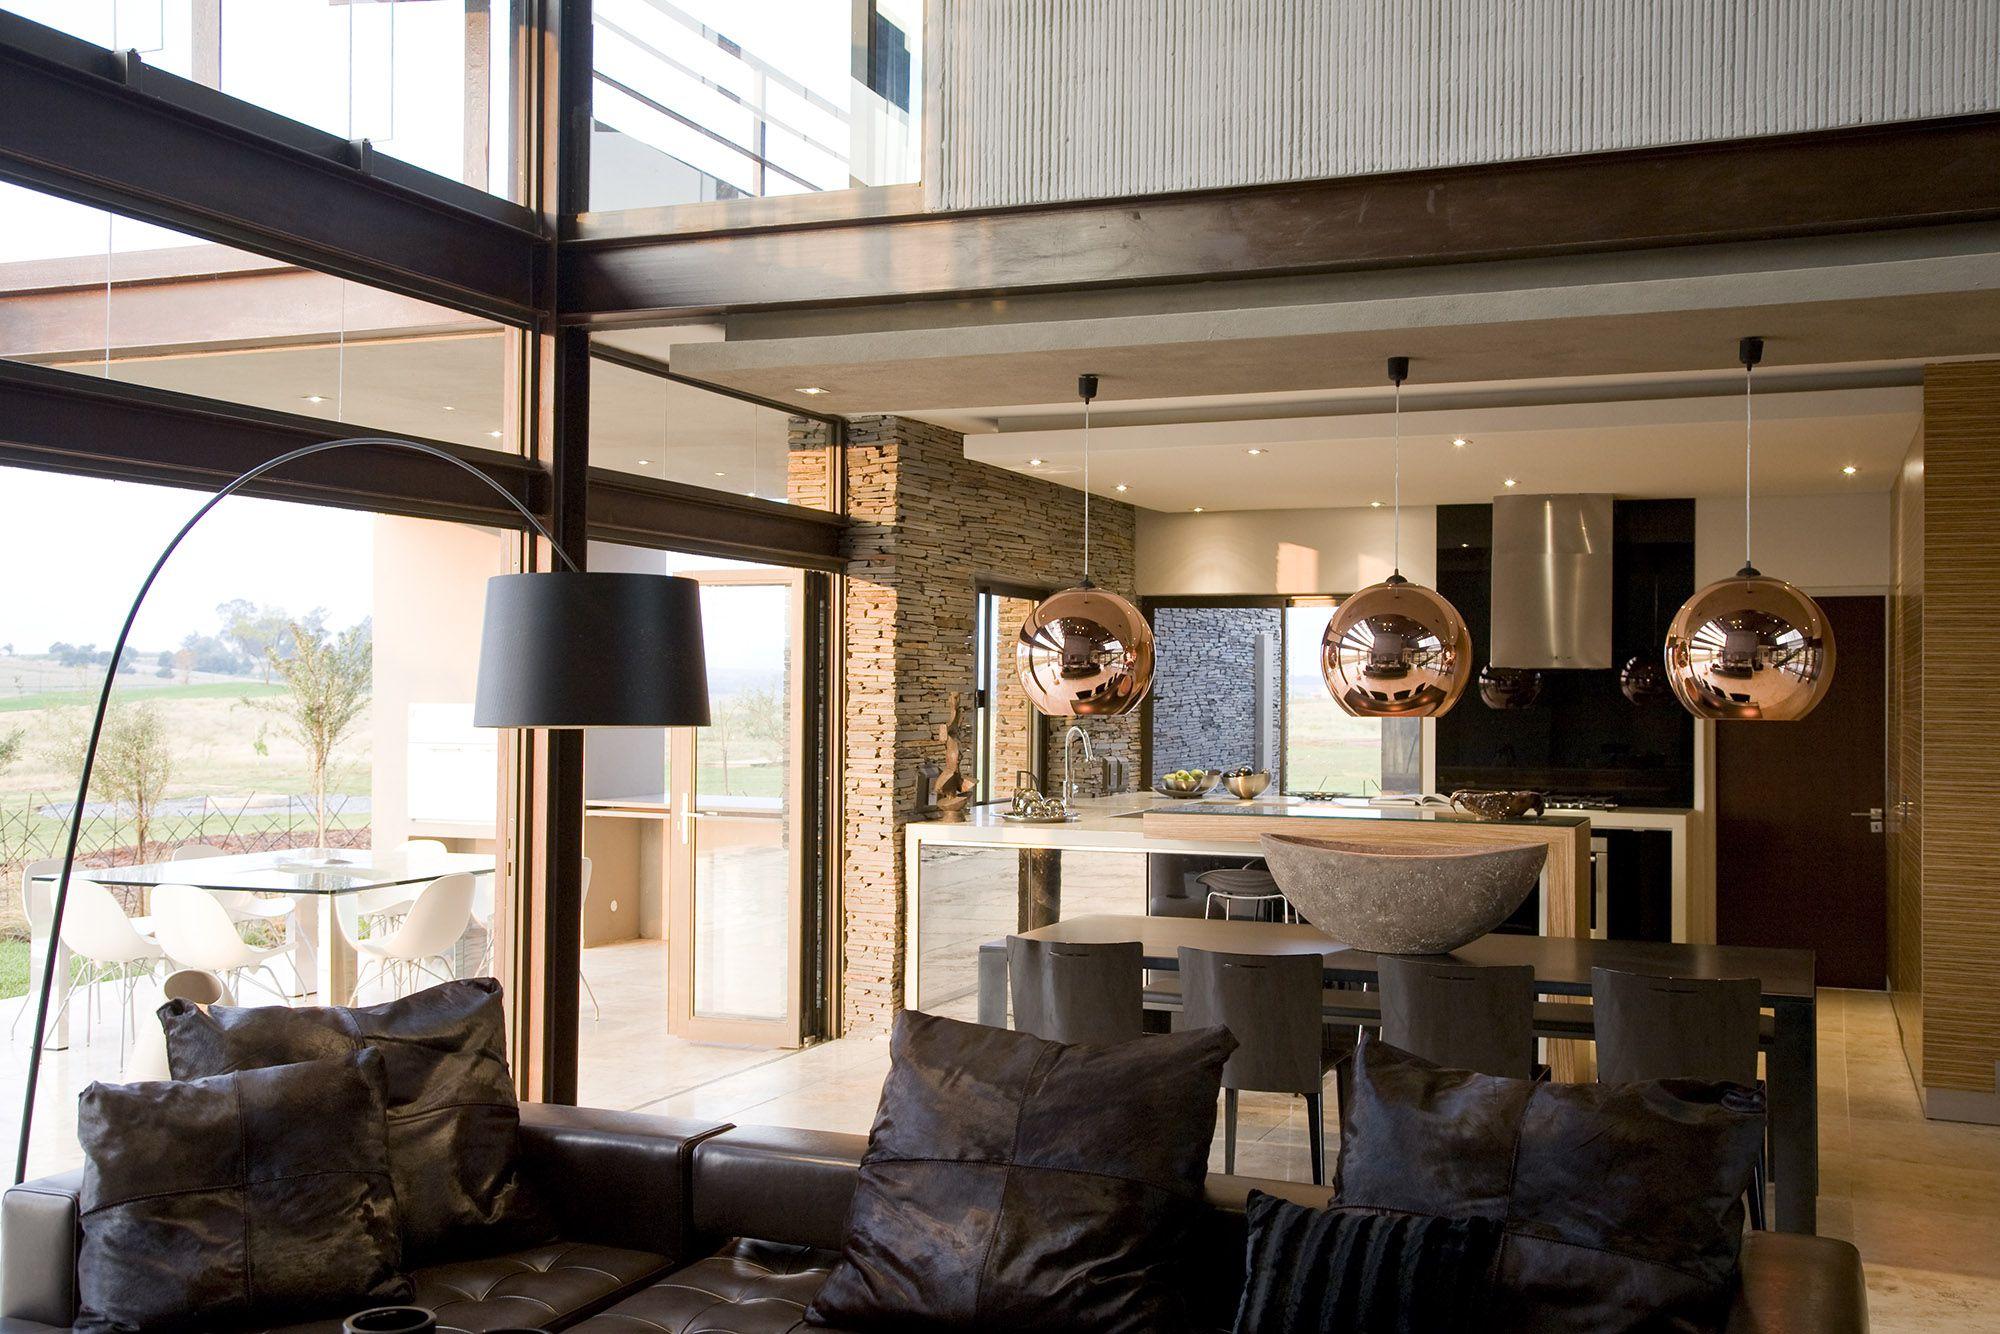 Serengeti Designed by Rudolph van der Meulen 154